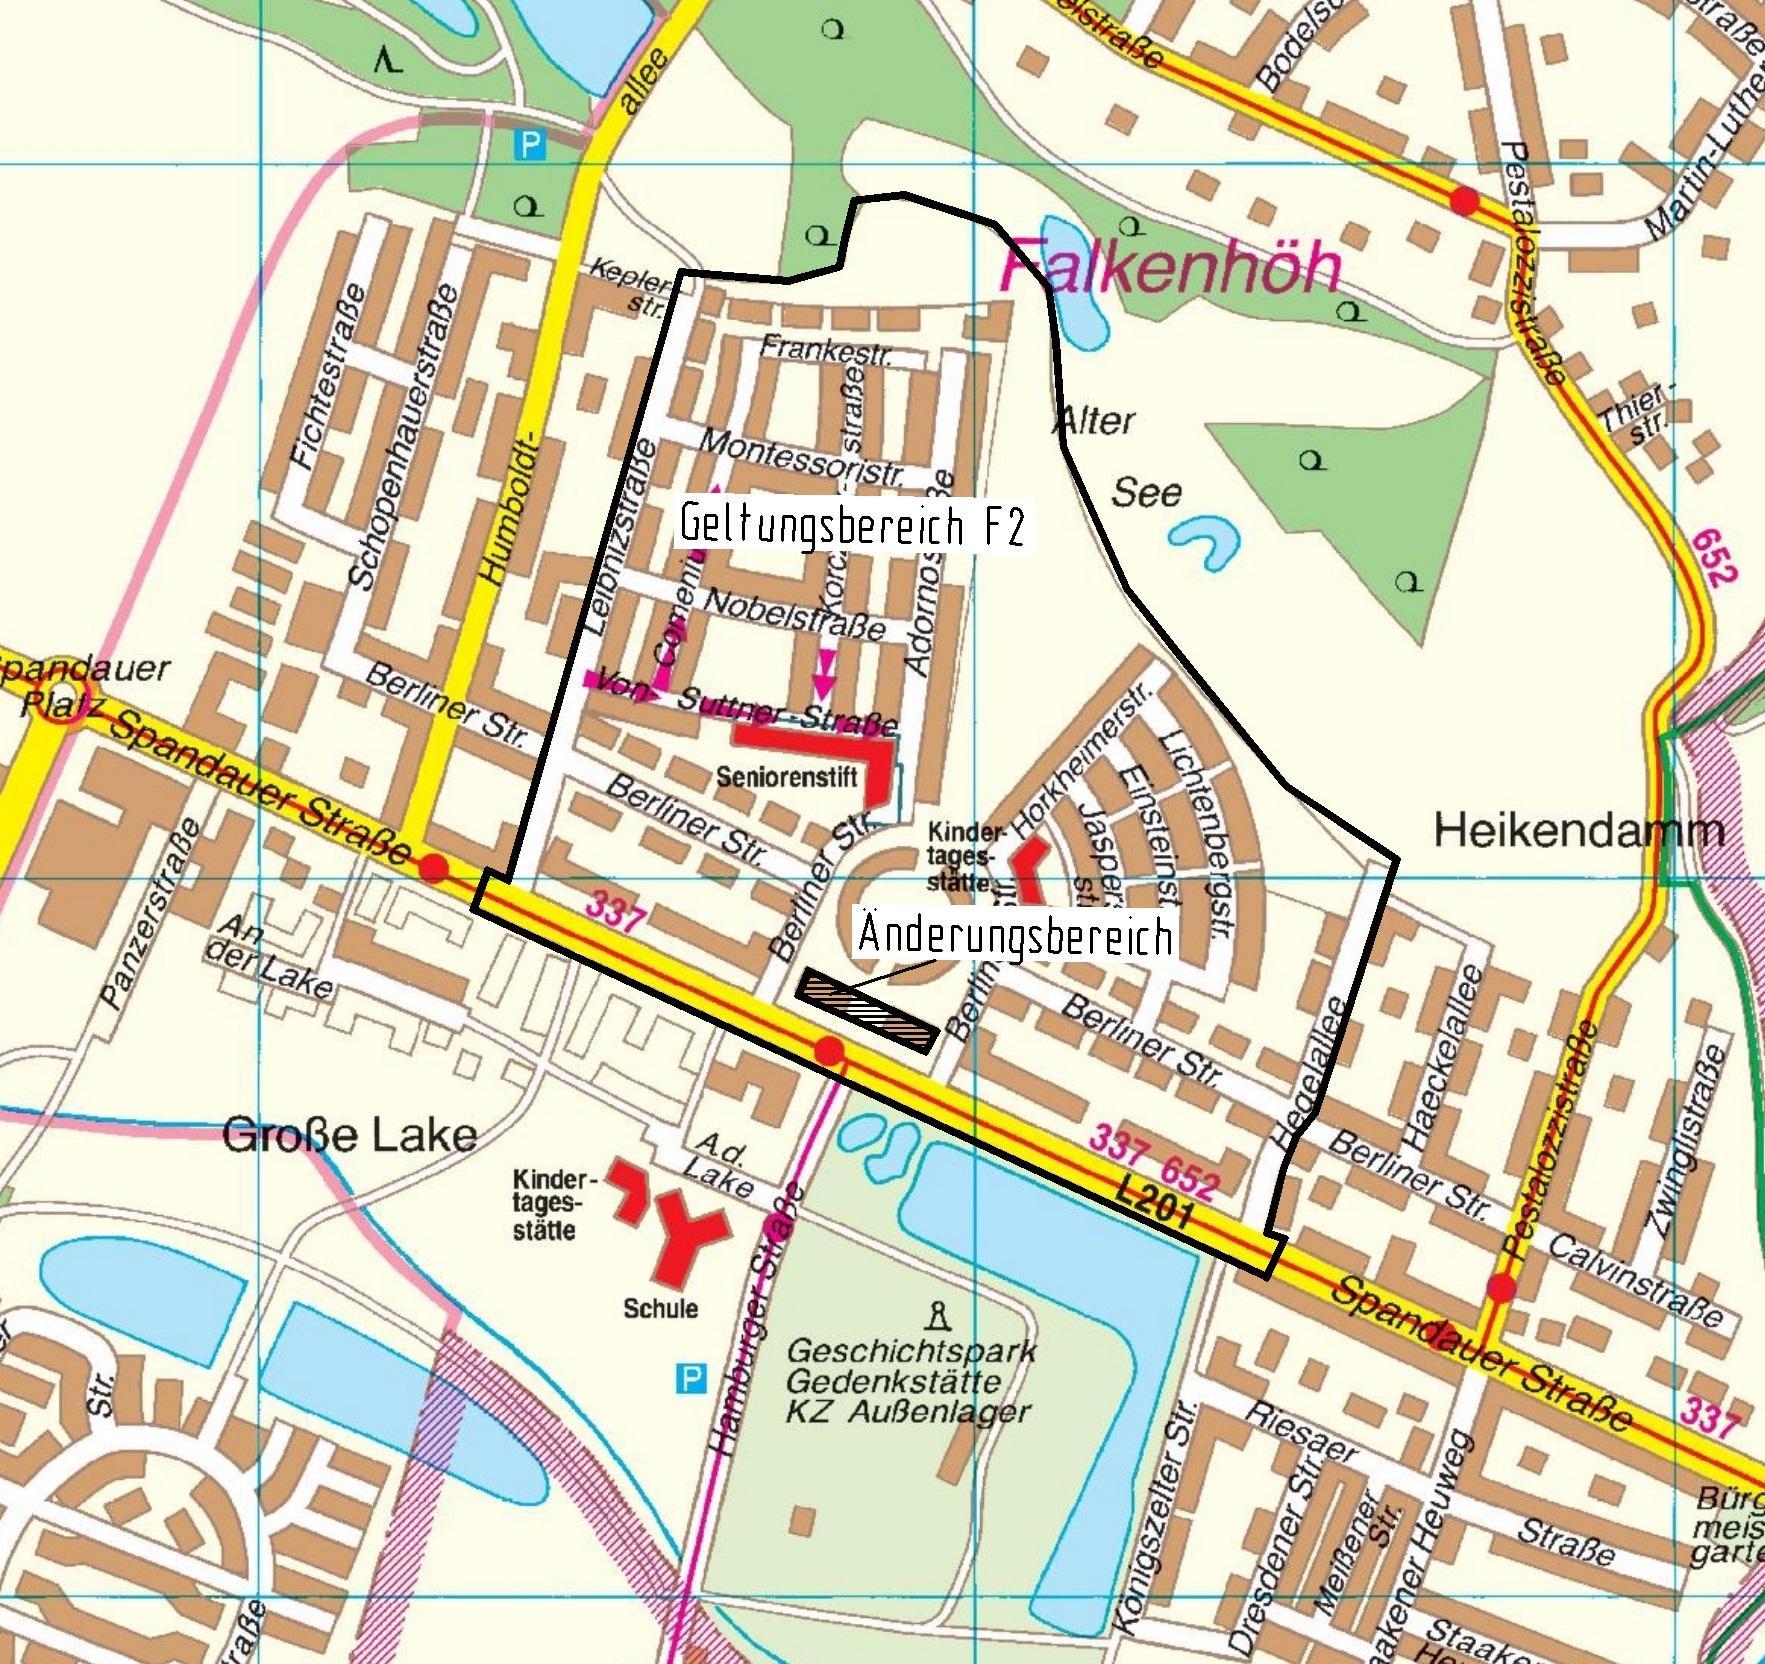 F 2 Stadtplanausschnitt